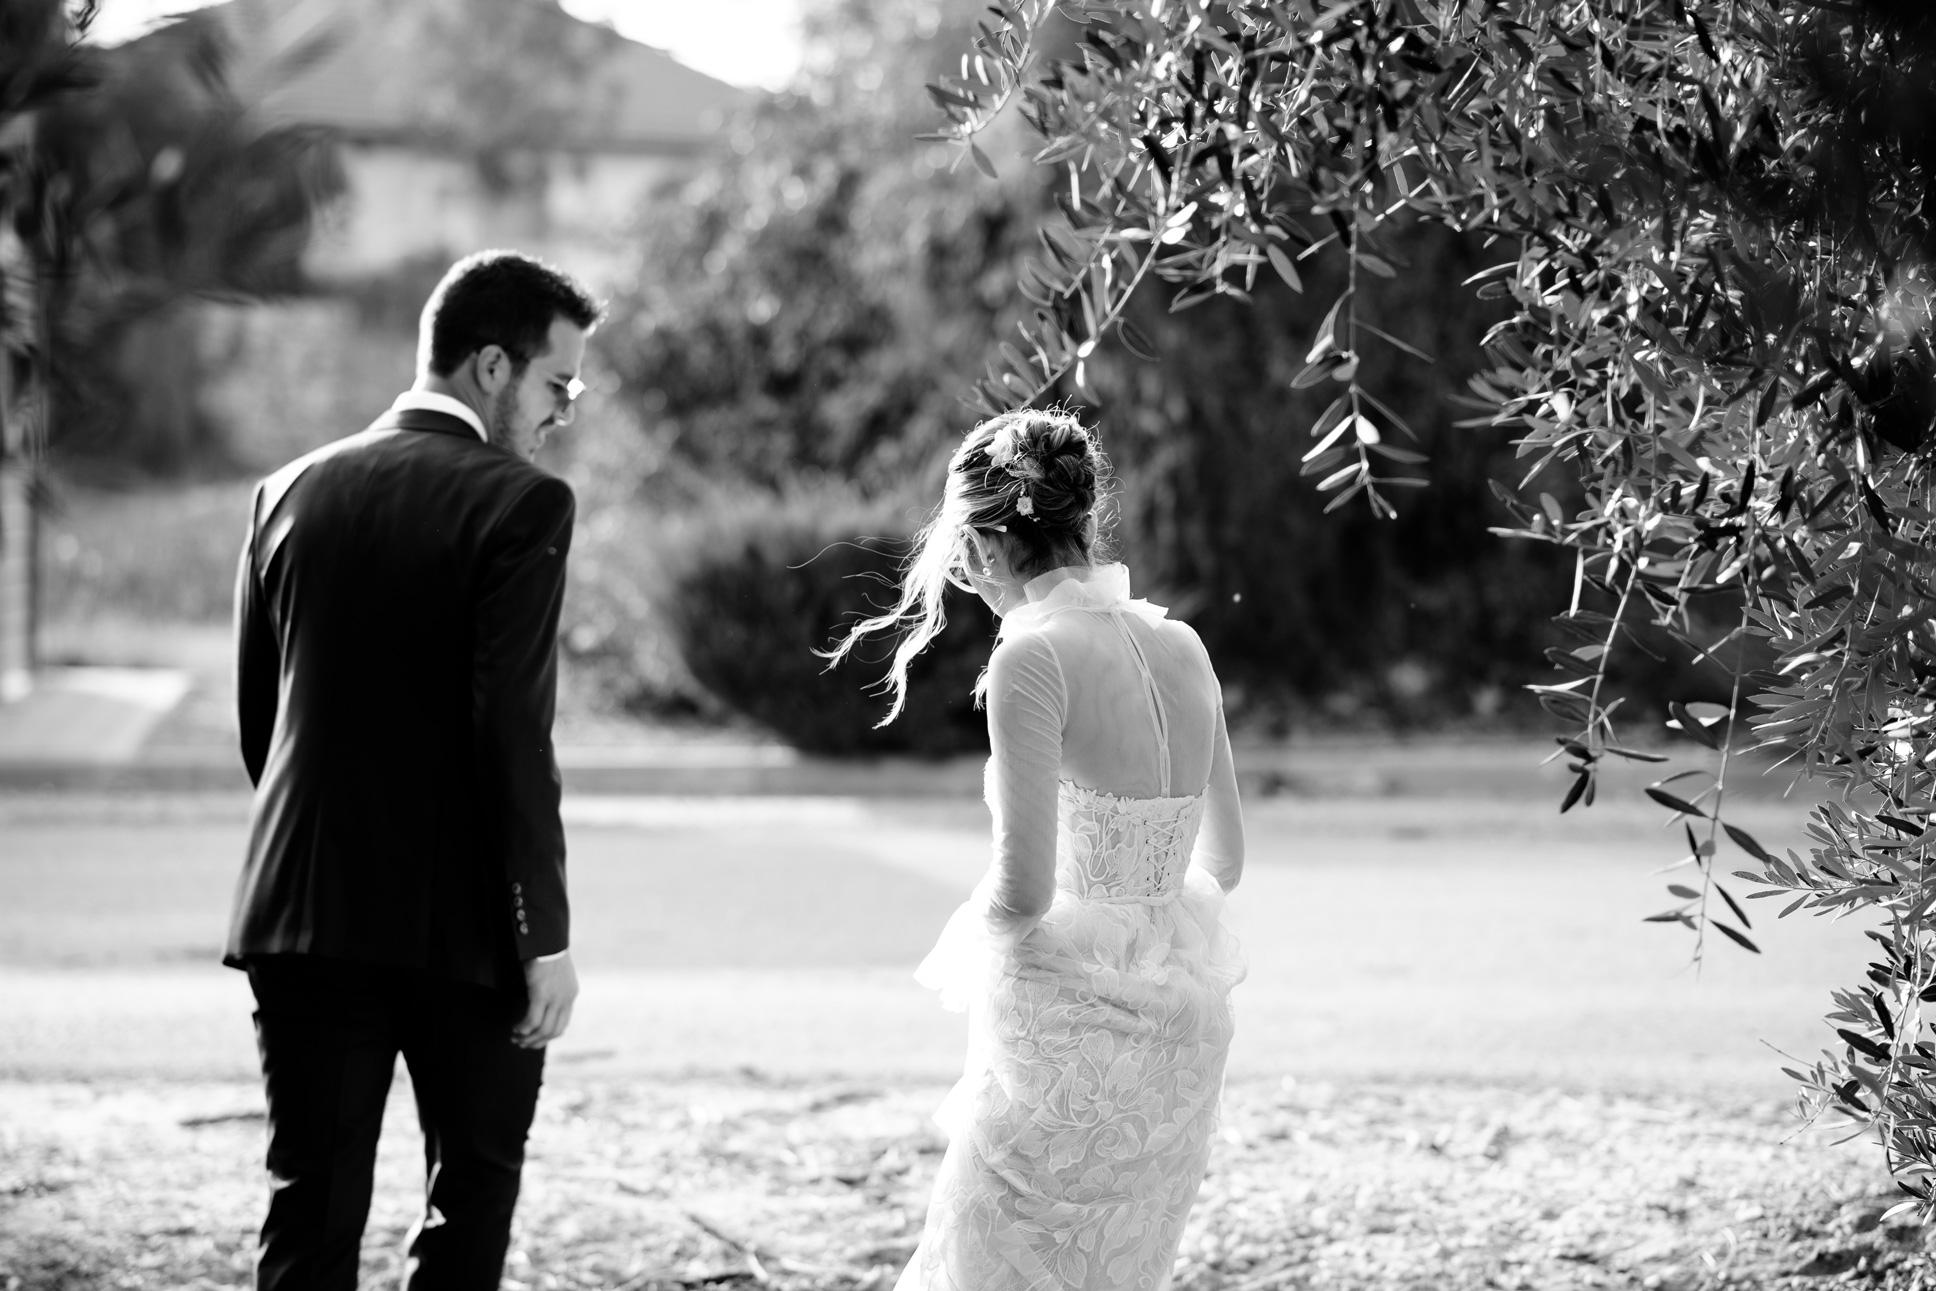 עד הפרטים הקטנים: החתונה של דניאל וסם